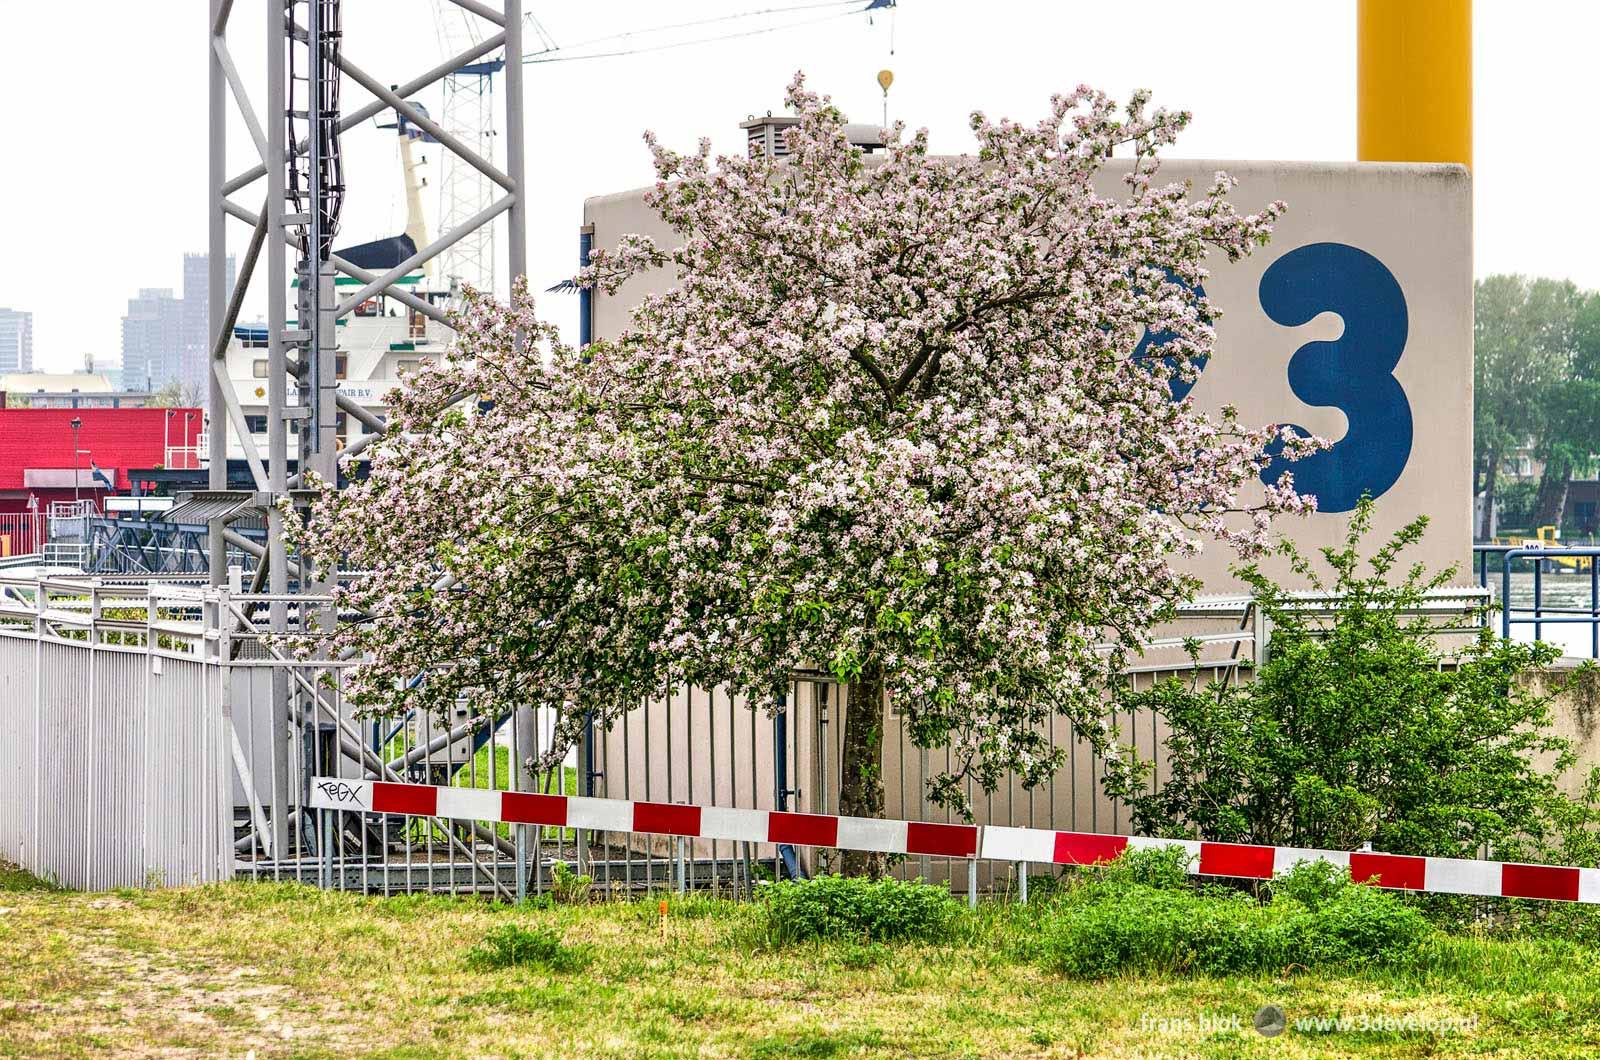 Bloeiende prunus in de lente op een wat merkwaardige plek op een industrieterrein bij het Mallegat in Rotterdam